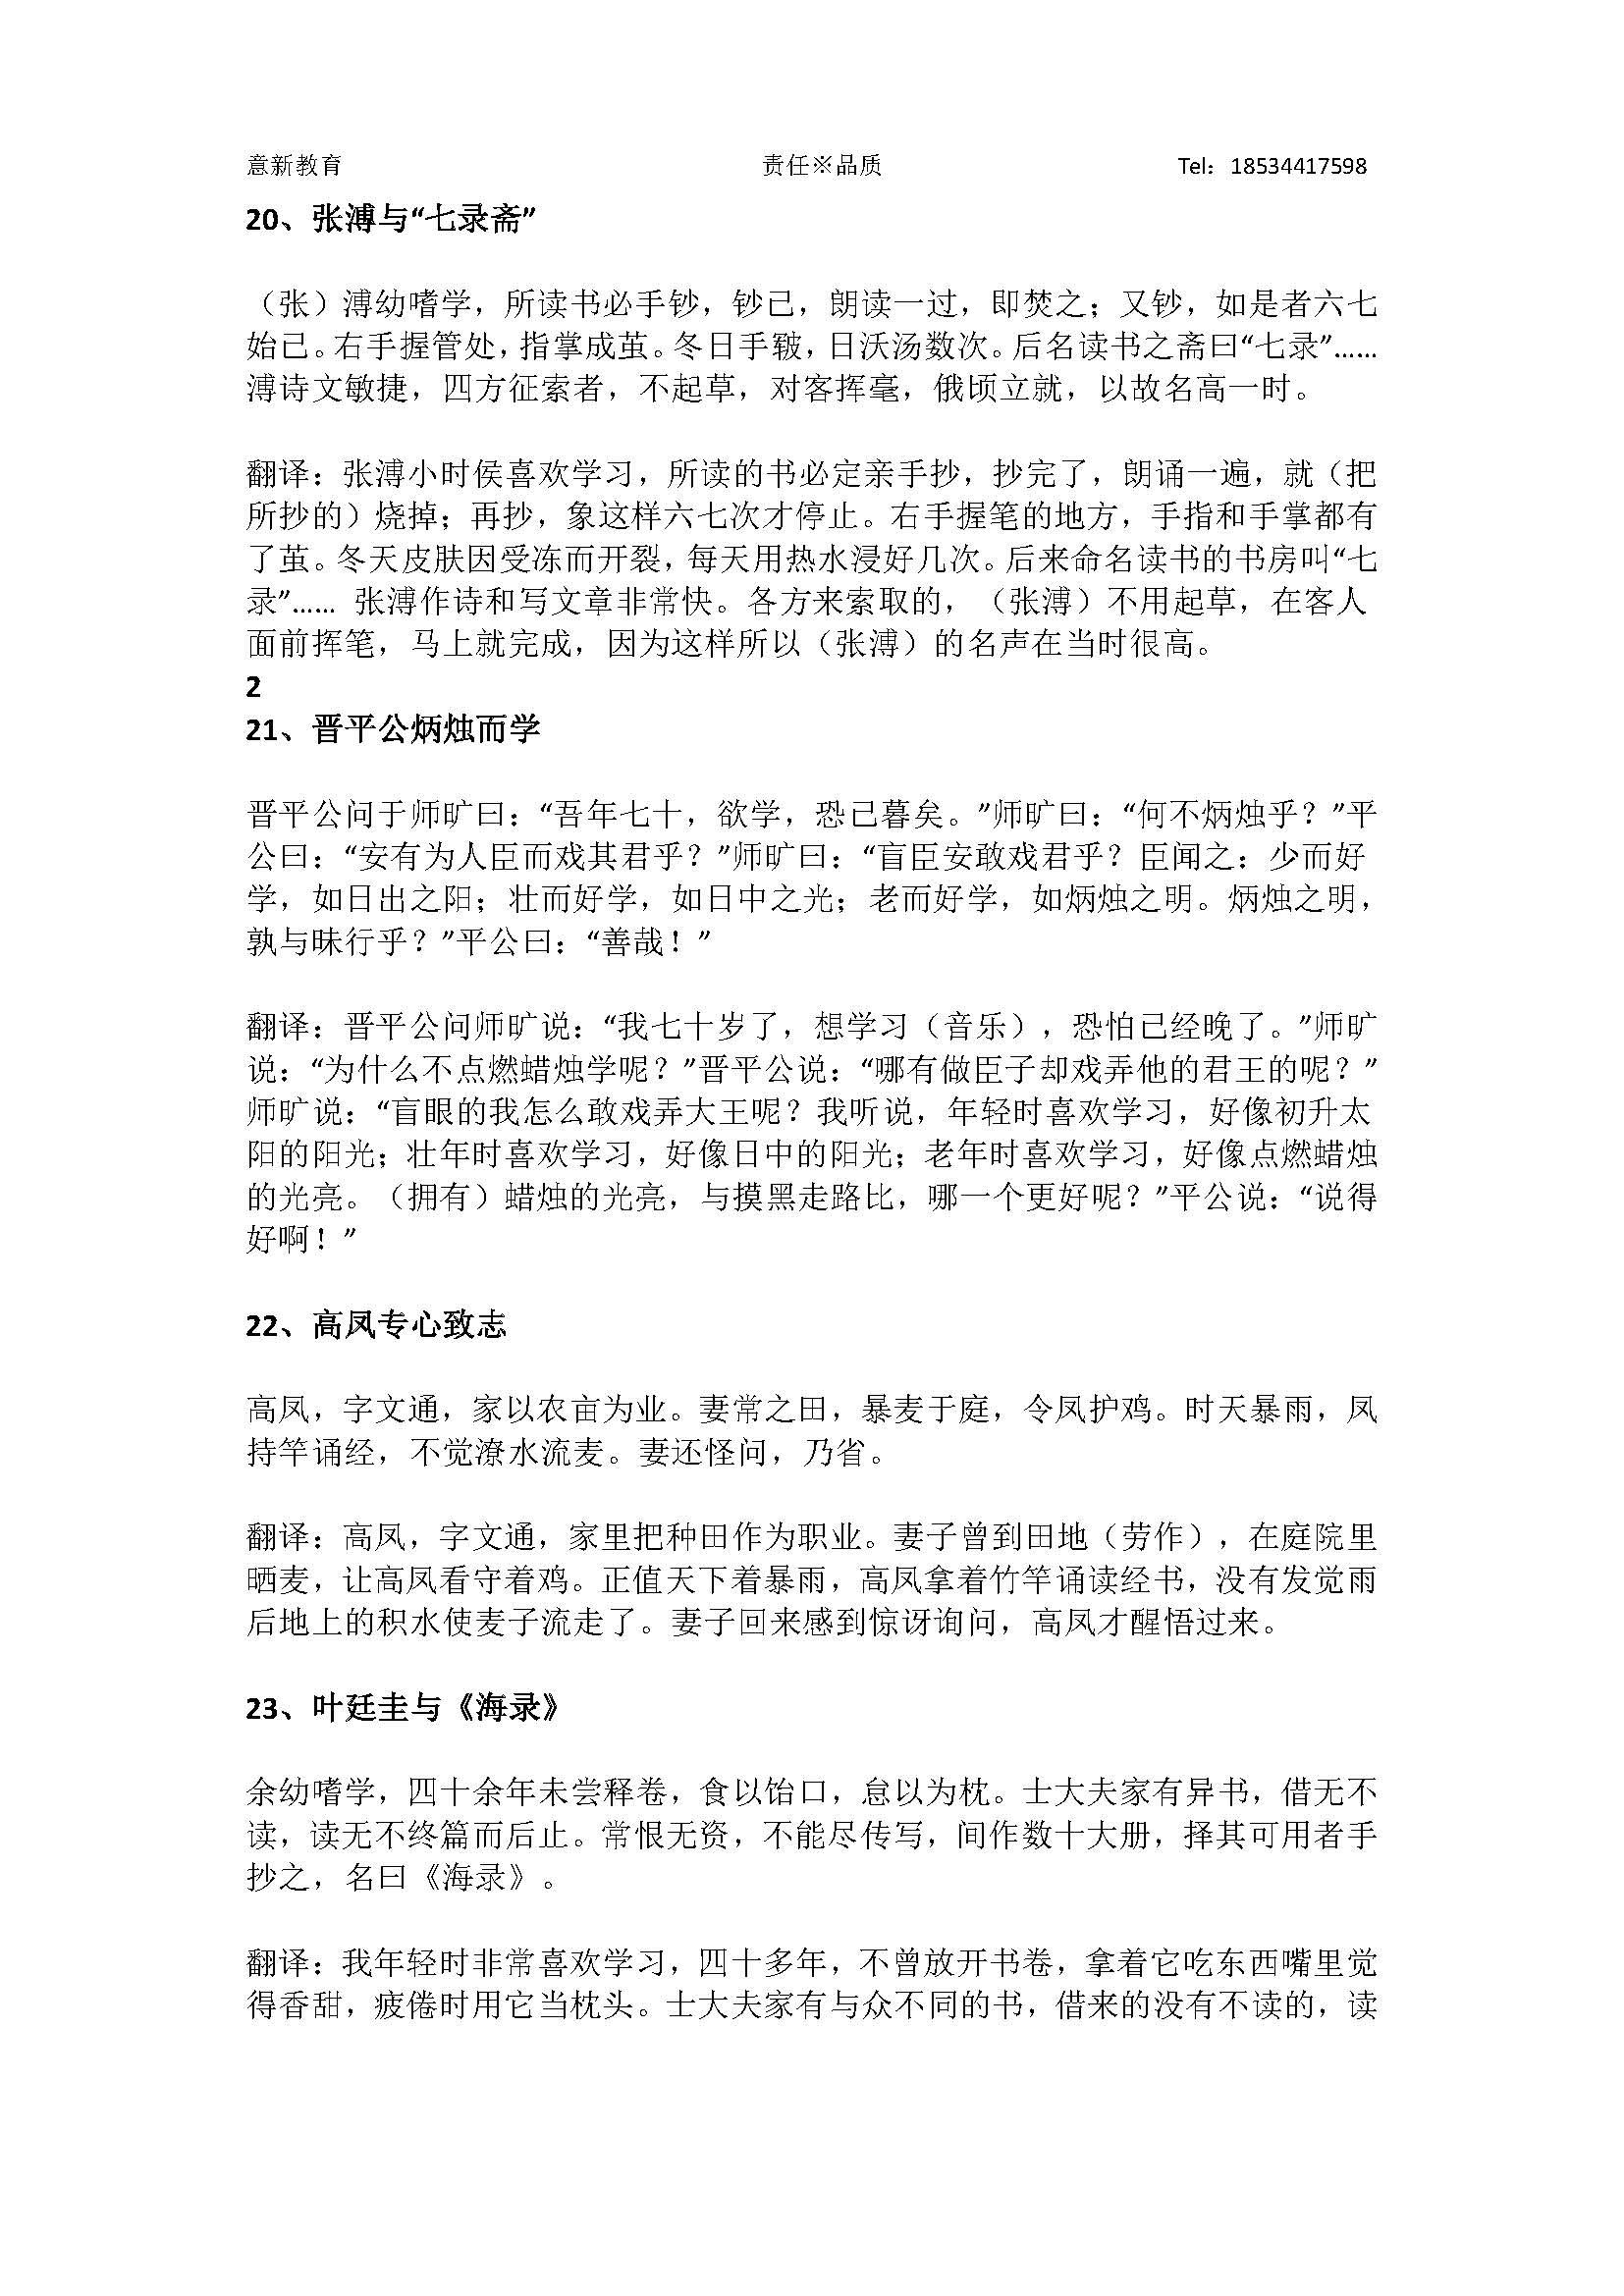 高考语文文言文翻译练习100篇_页面_07.jpg